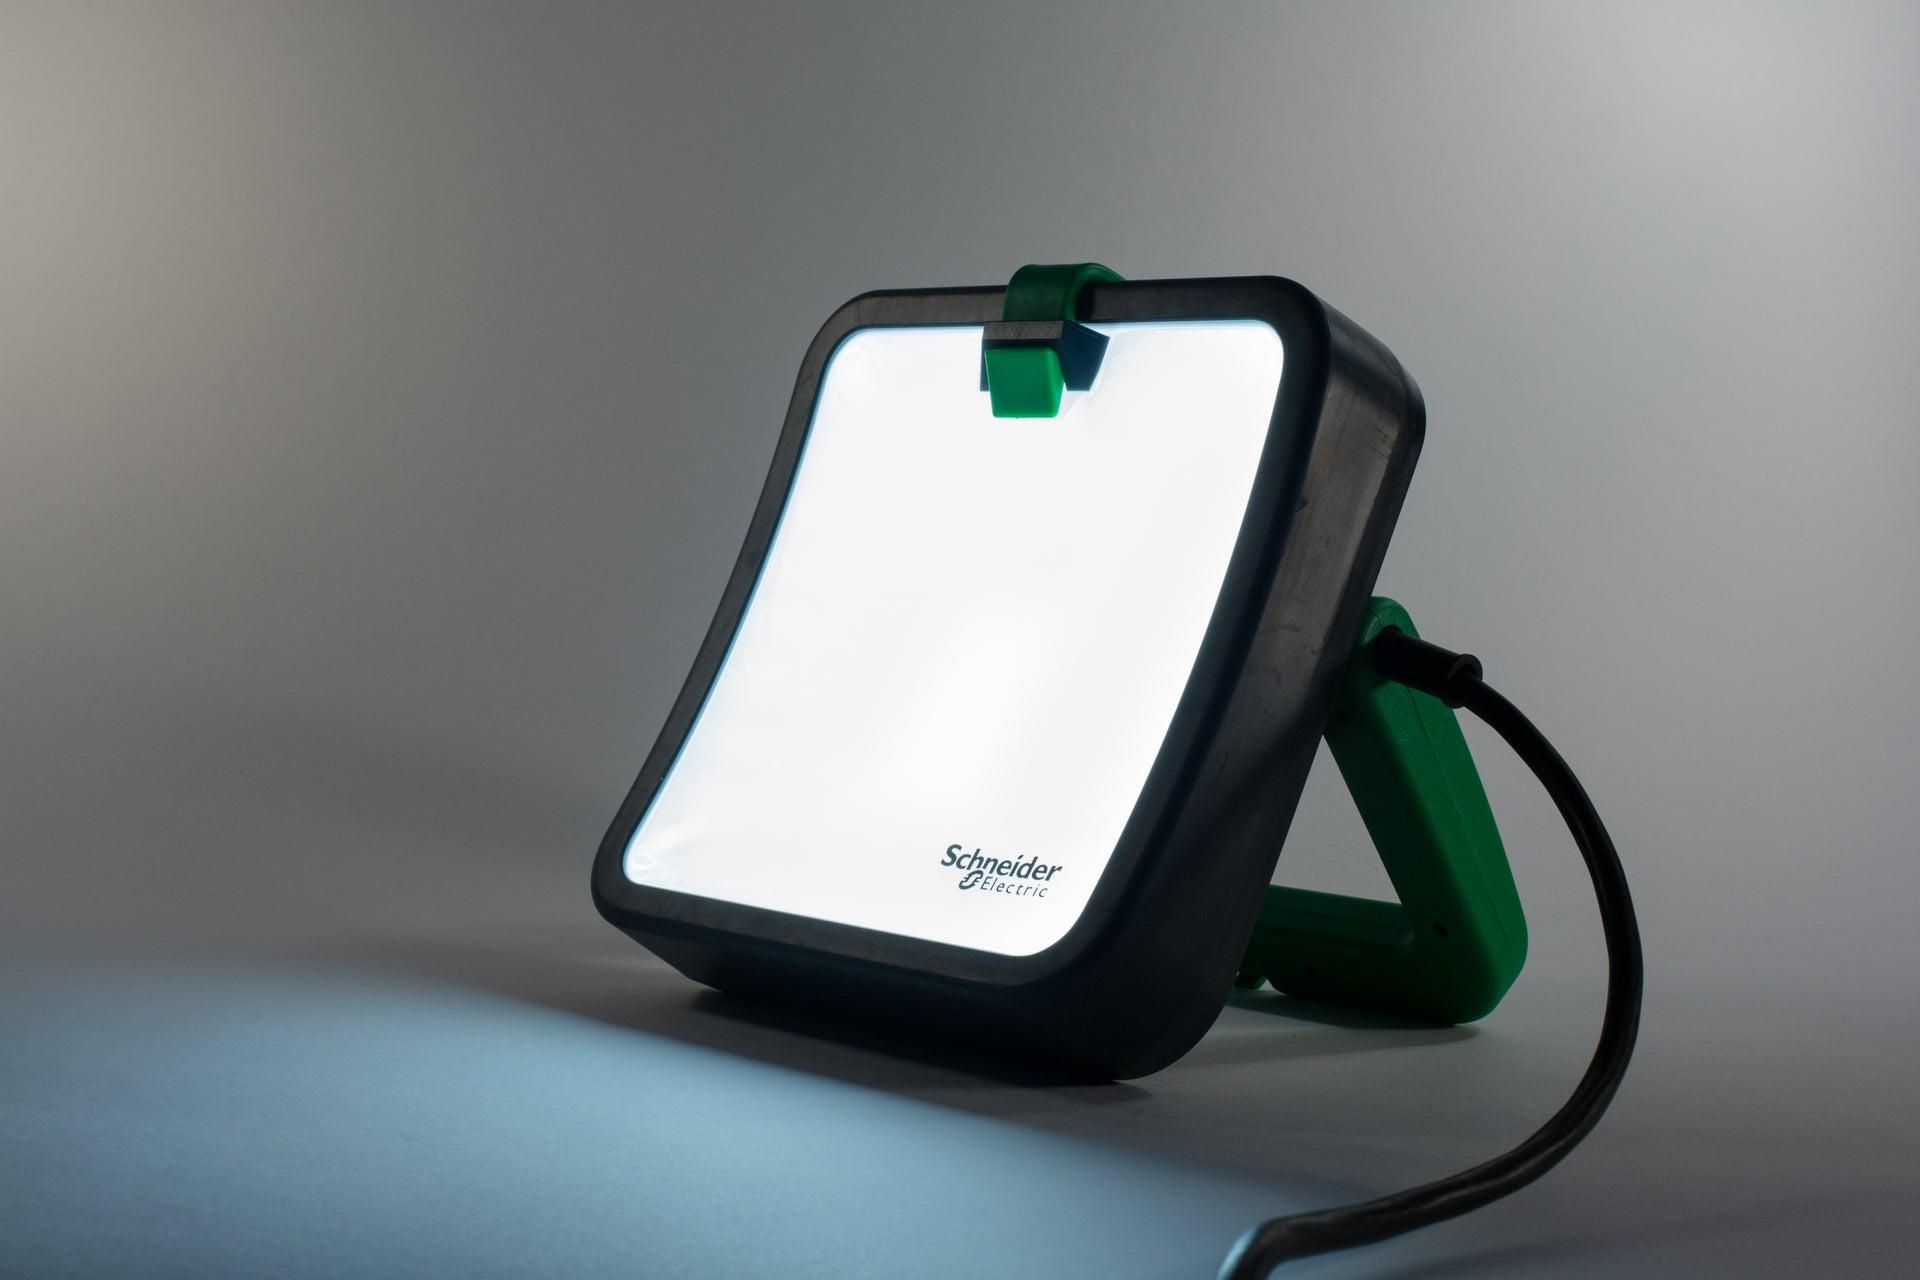 projecteur led chantier rechargeable schneider electric